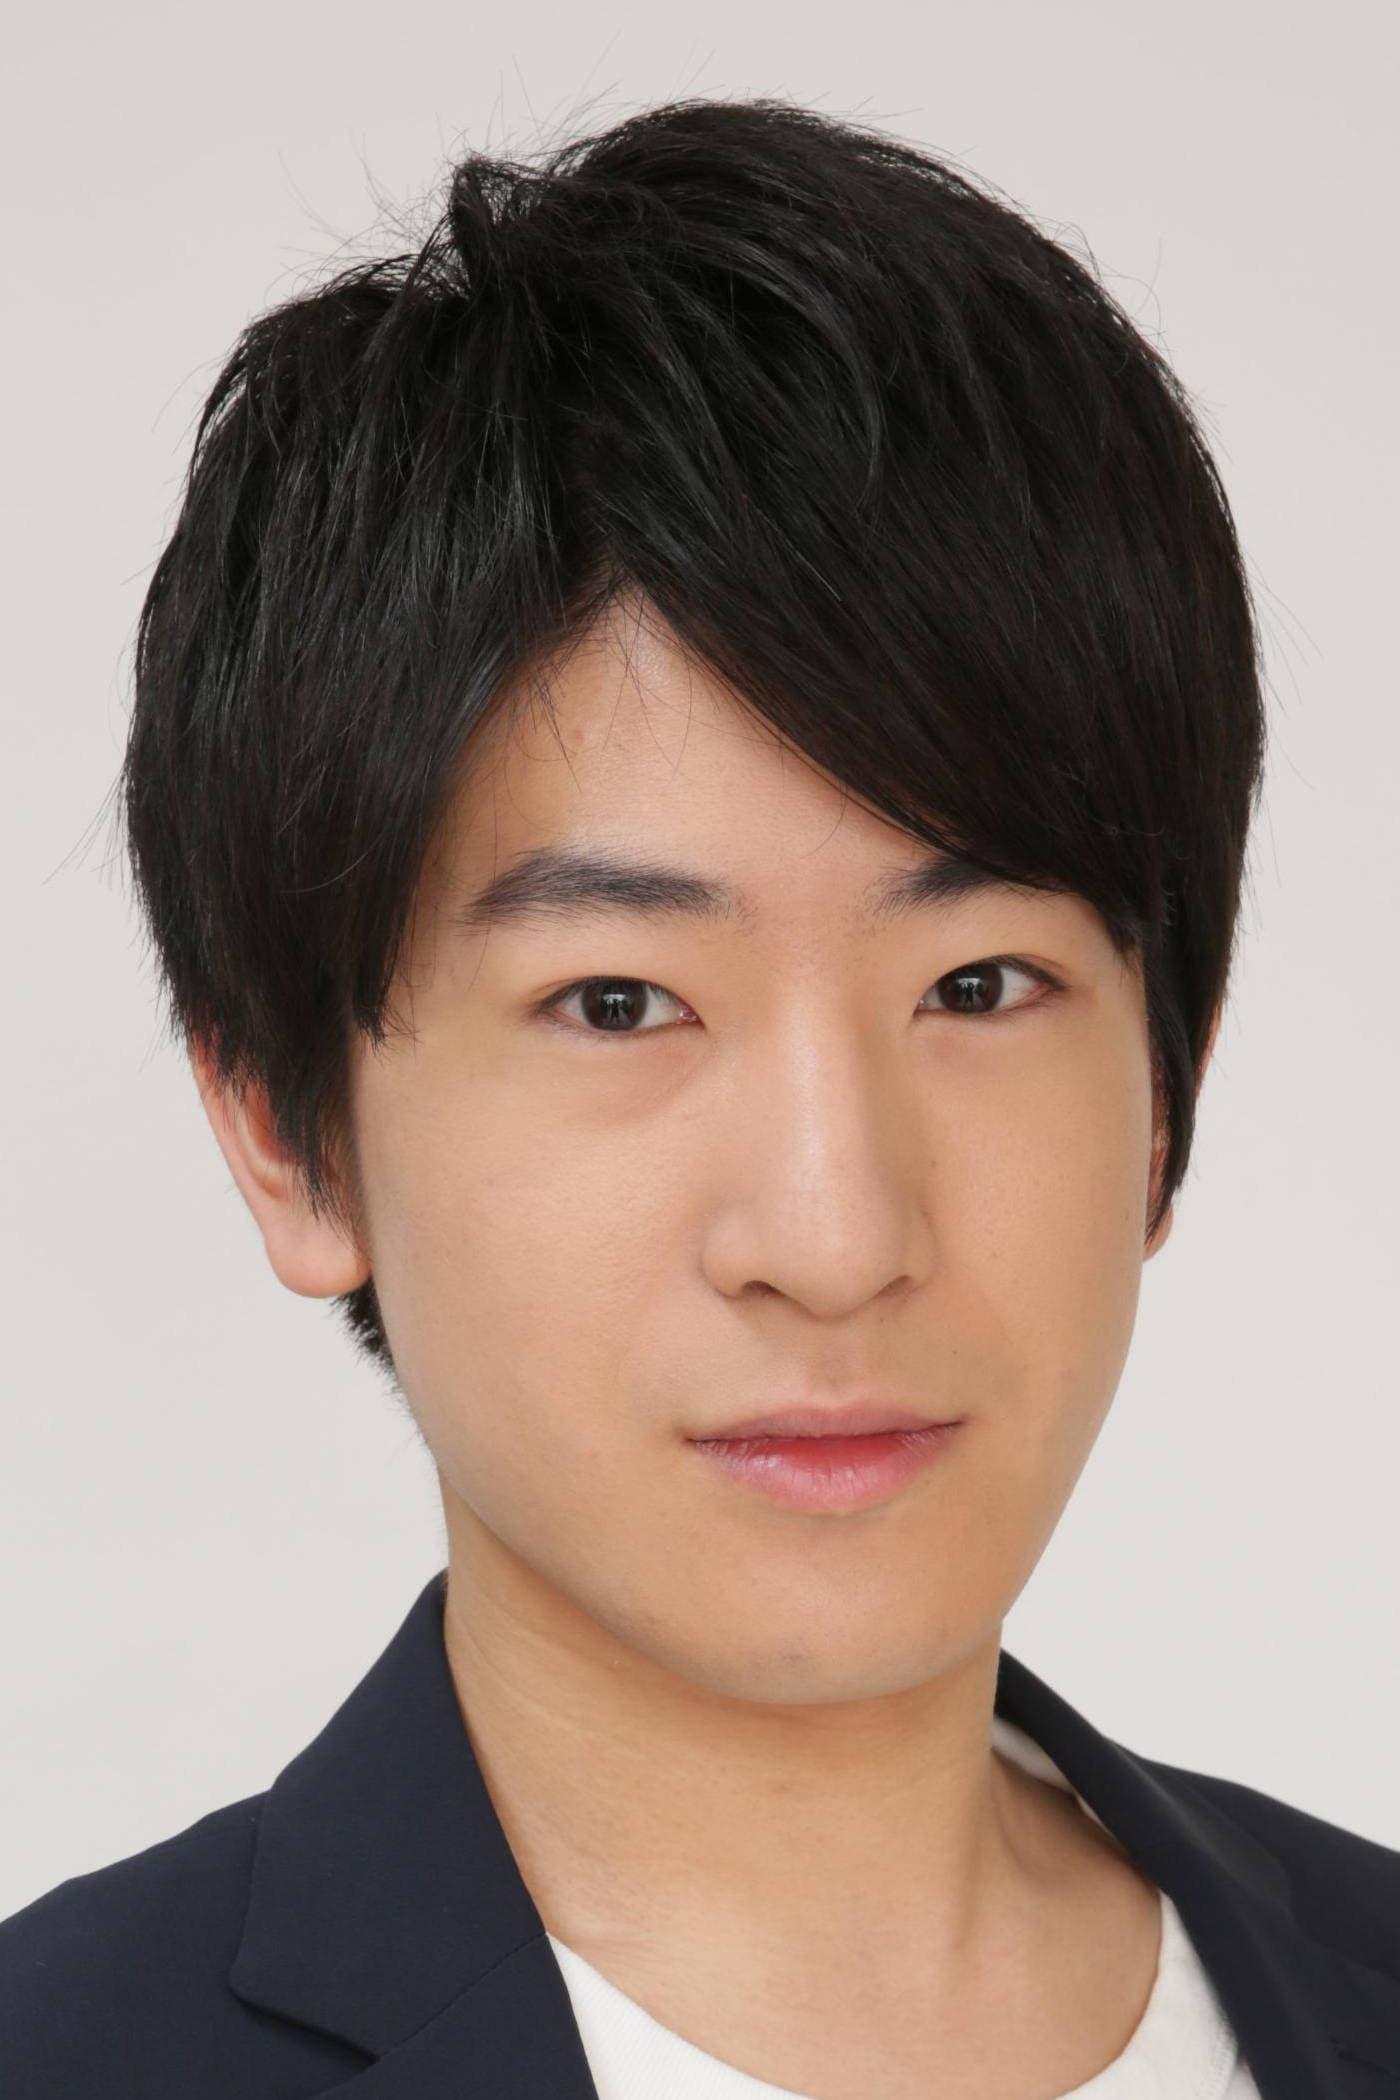 Ryosuke Asano